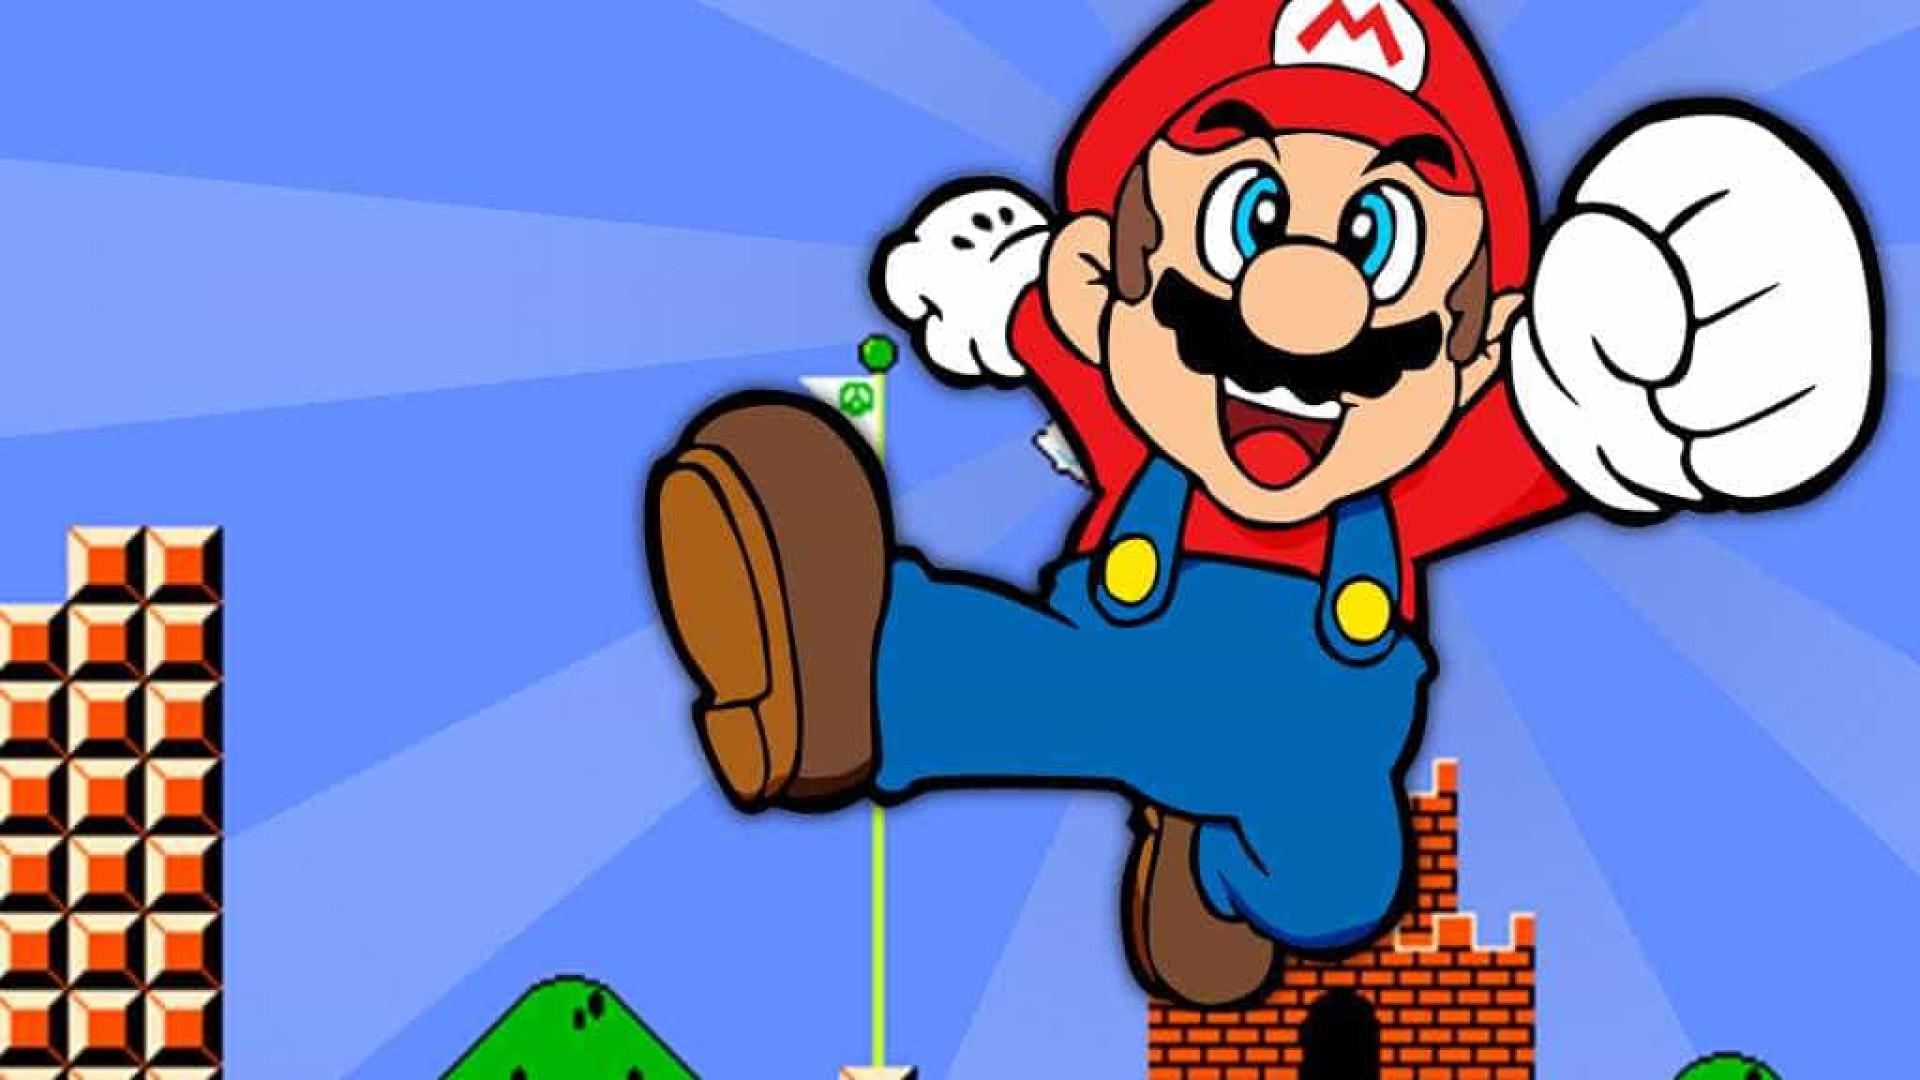 'Super Mario Maker' tem mais de 1 milhão de jogadores em apenas uma semana